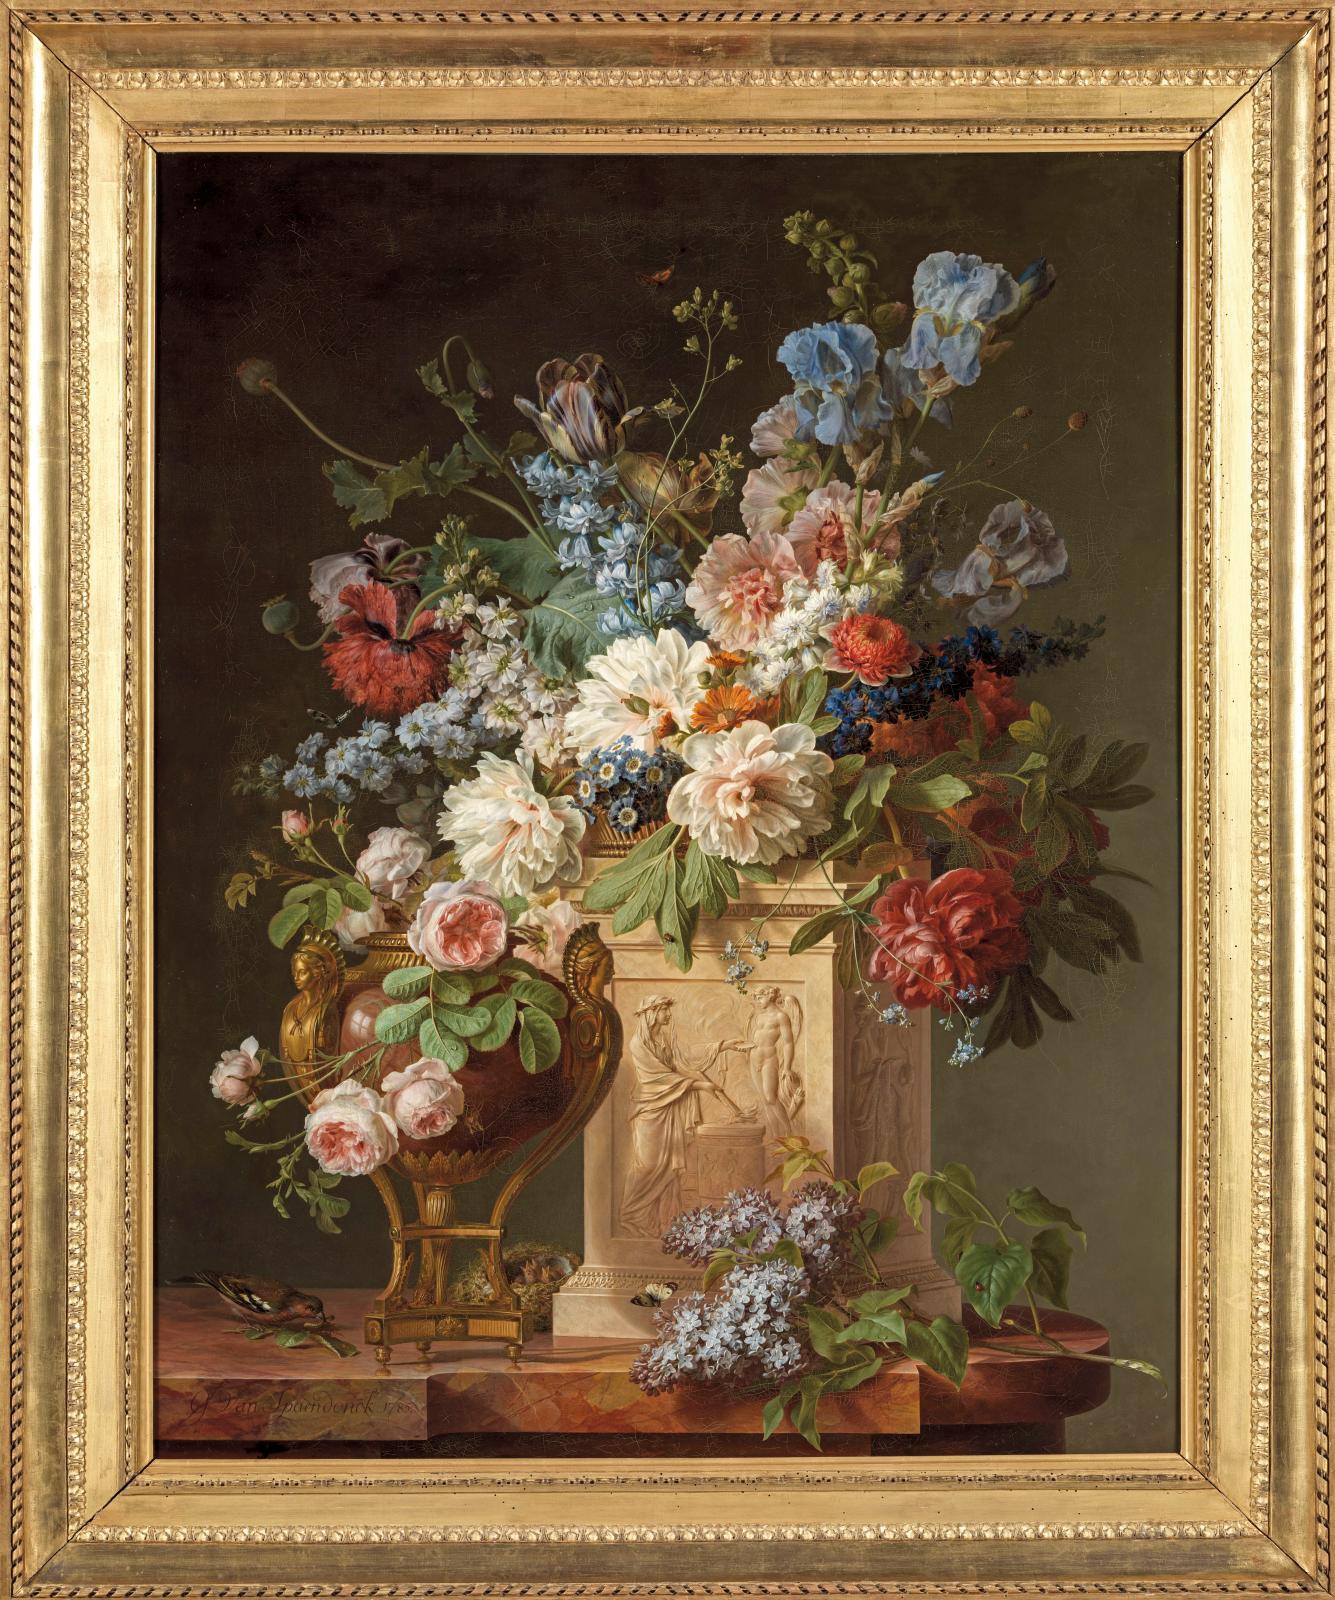 Gérard VanSpaendonck (1746-1822), Corbeille et vase de fleurs, 1785, huile sur toile, Fontainebleau, musée national du château.